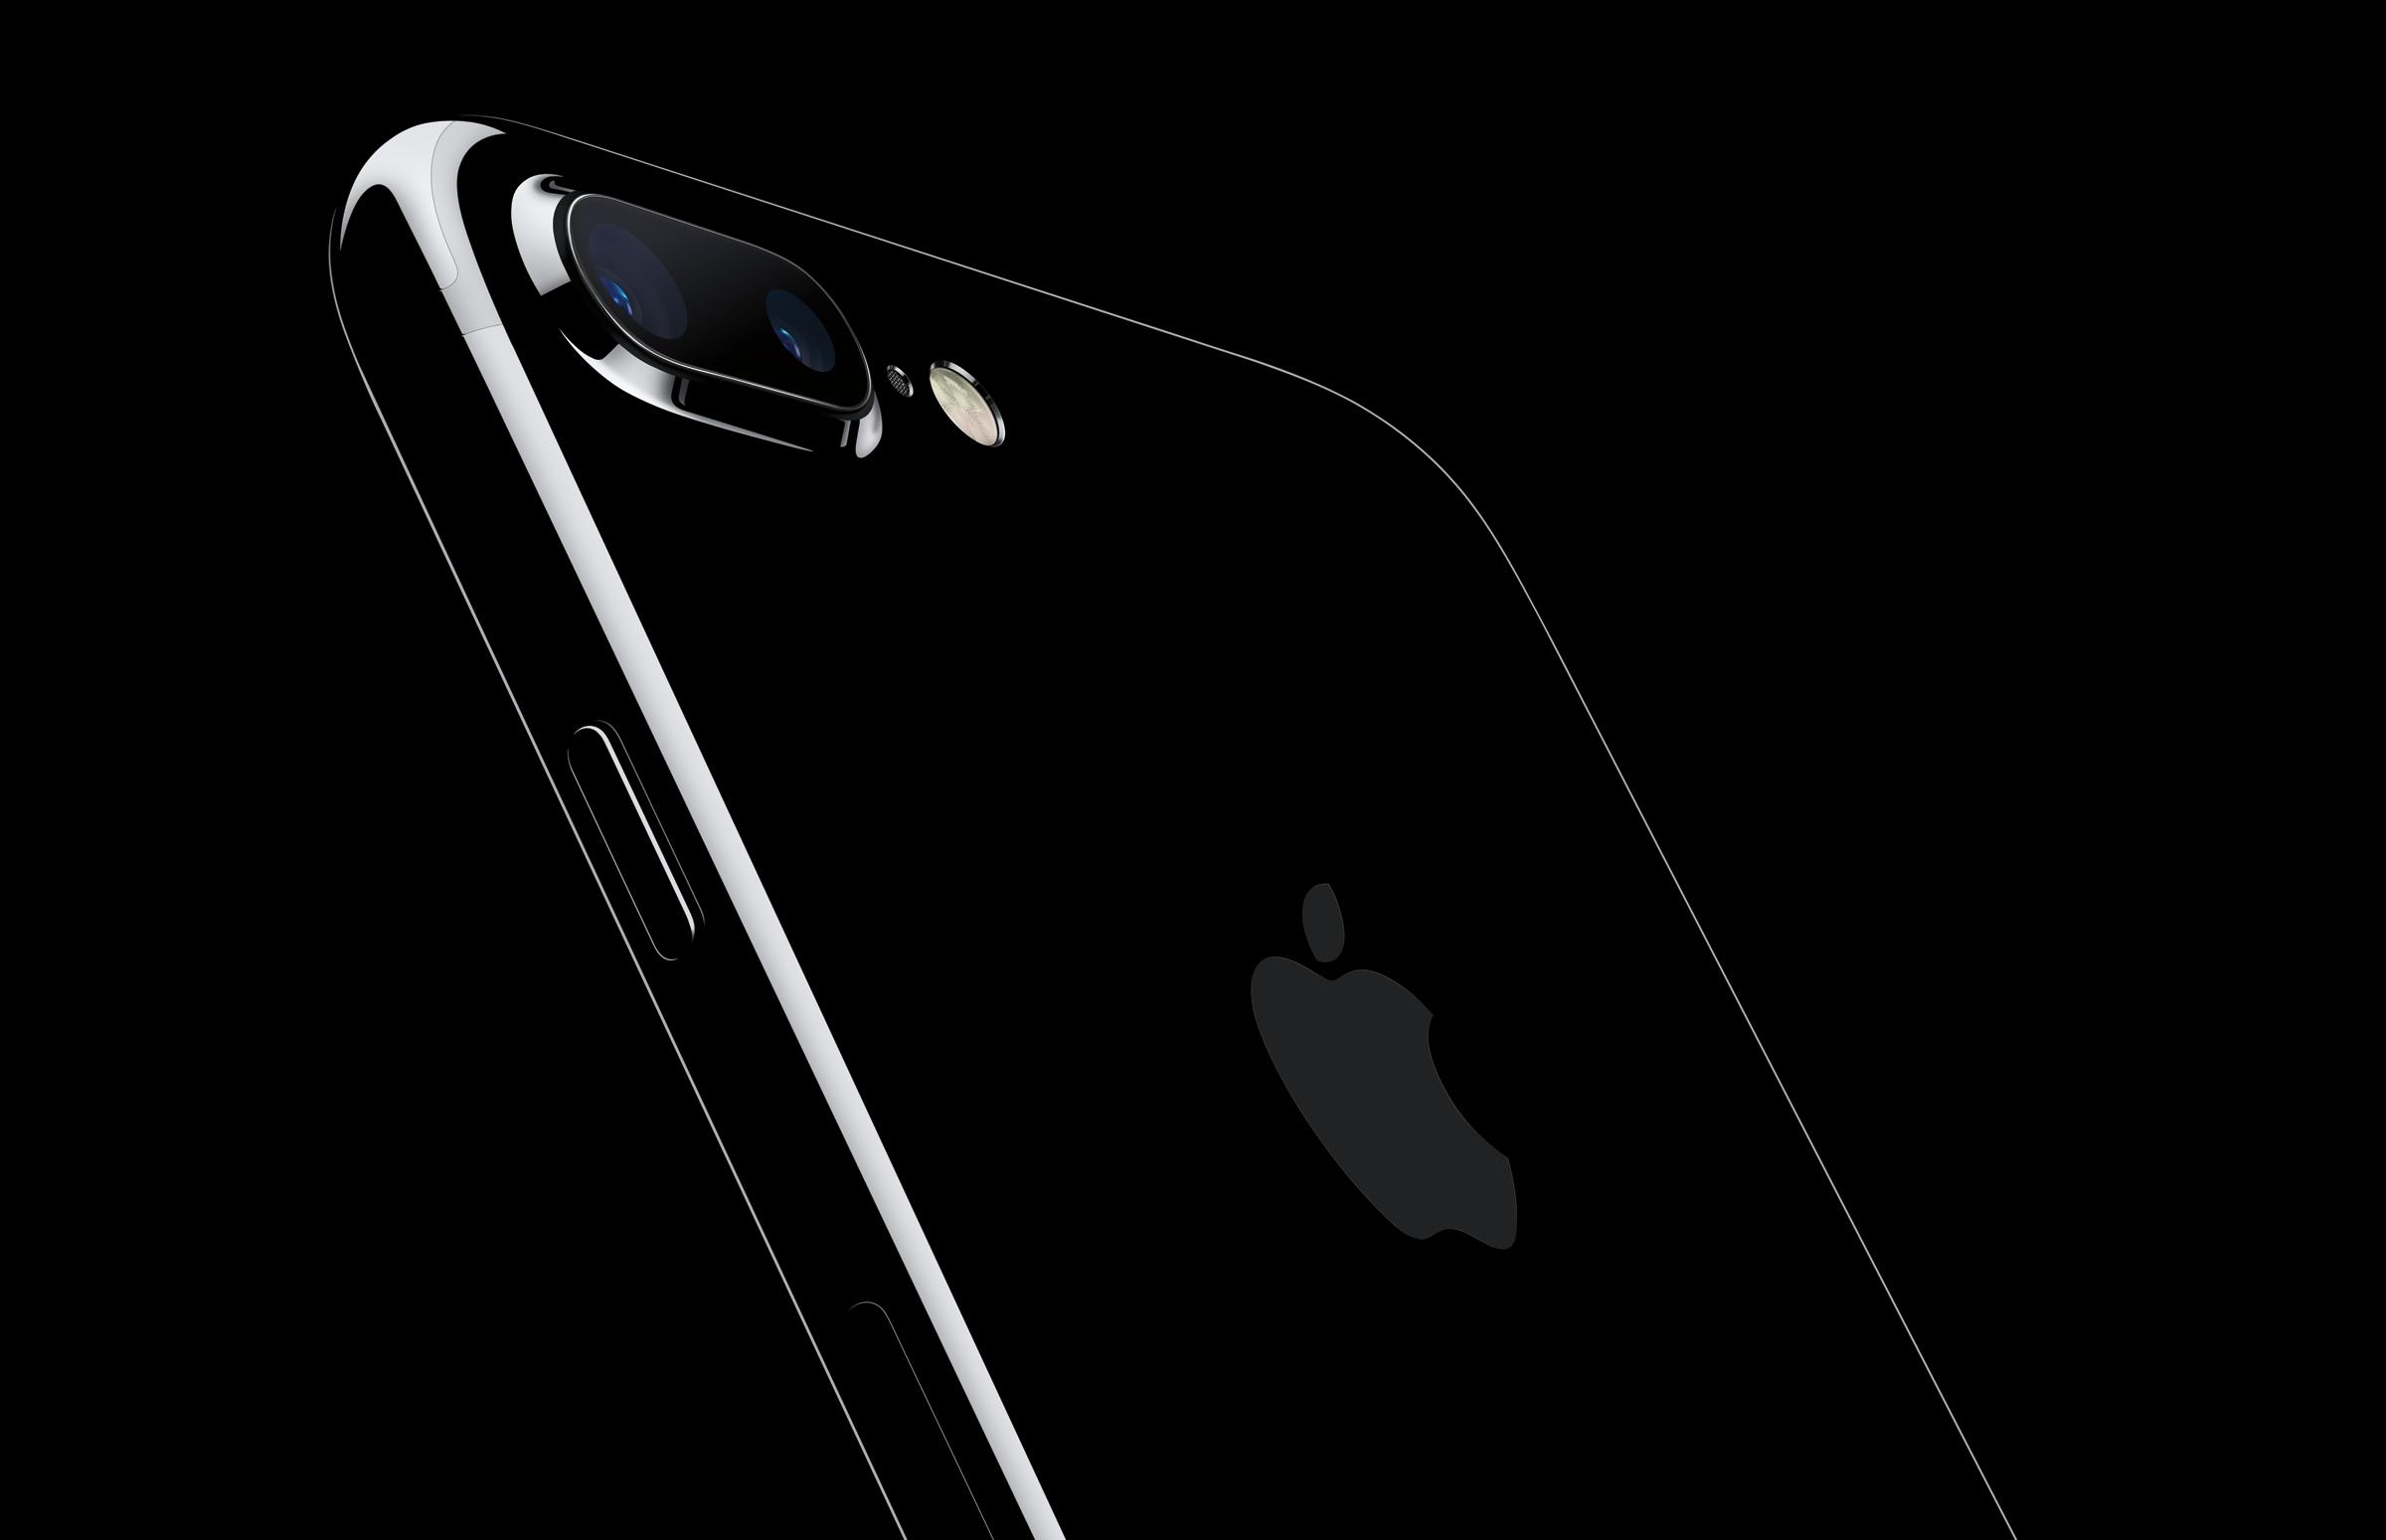 ドコモ、iPhone 7/iPhone 7 Plusのジェットブラック・32GBモデルを発売